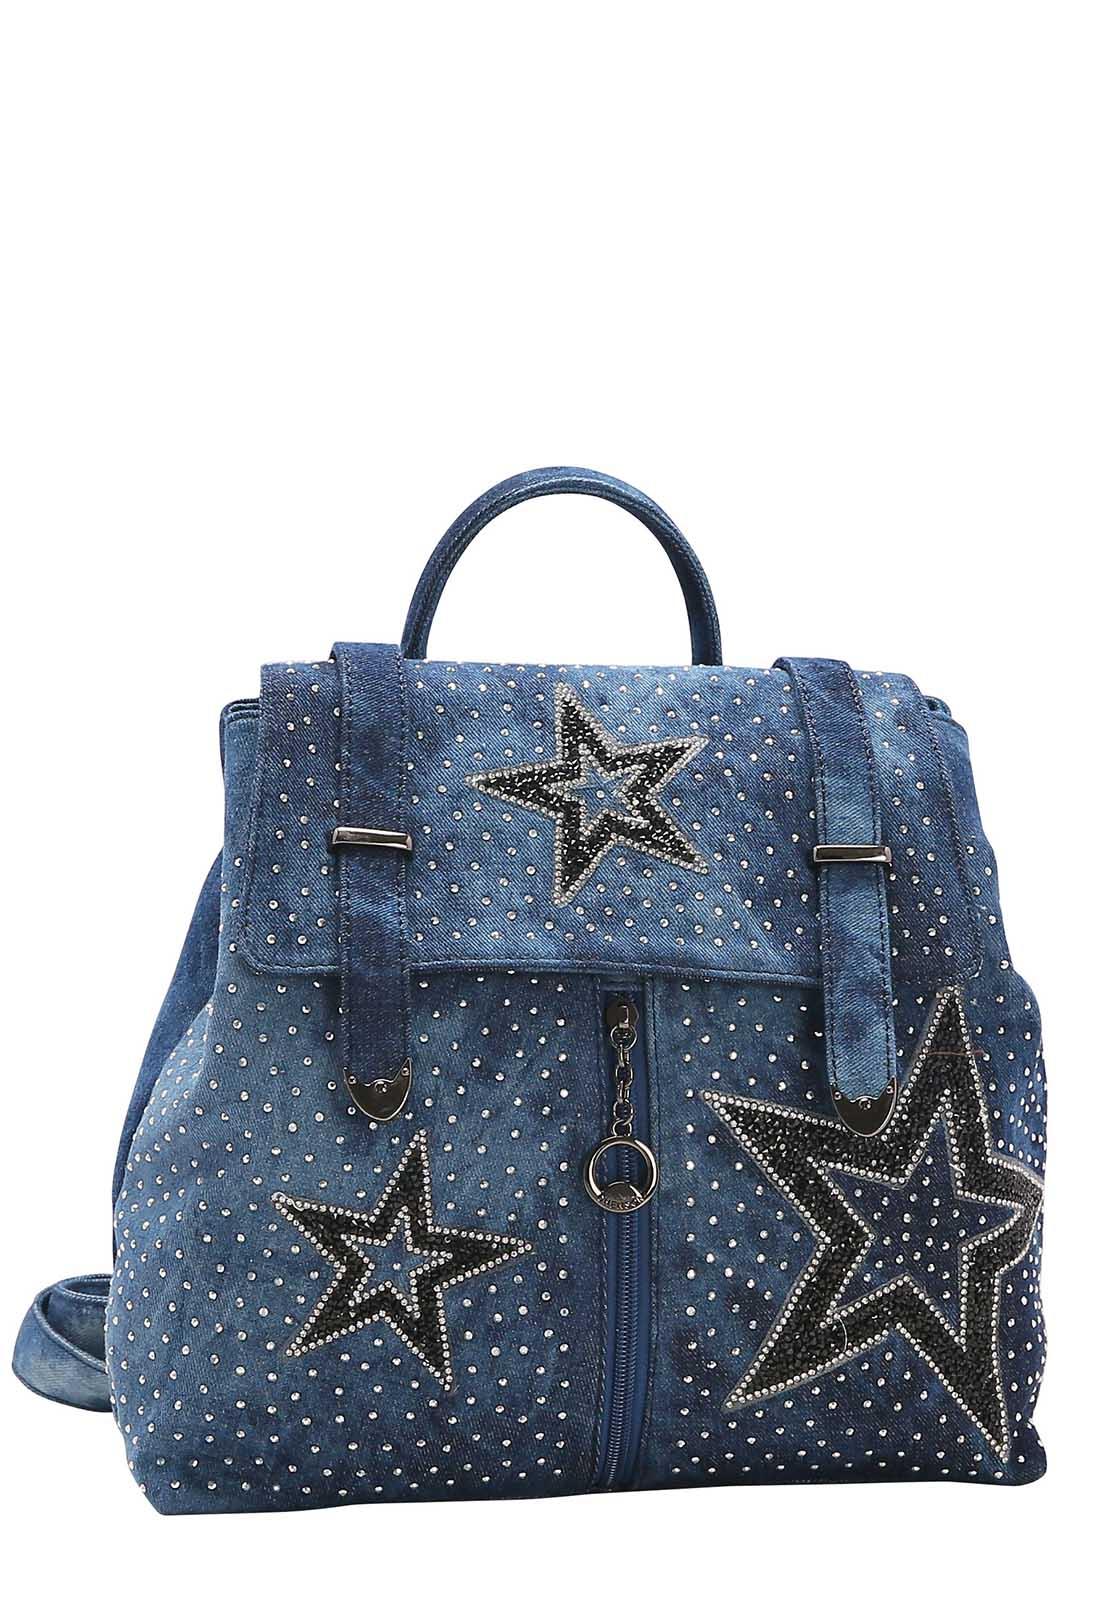 Mochila Feminina Chenson Jeans Star de Costa 8682540